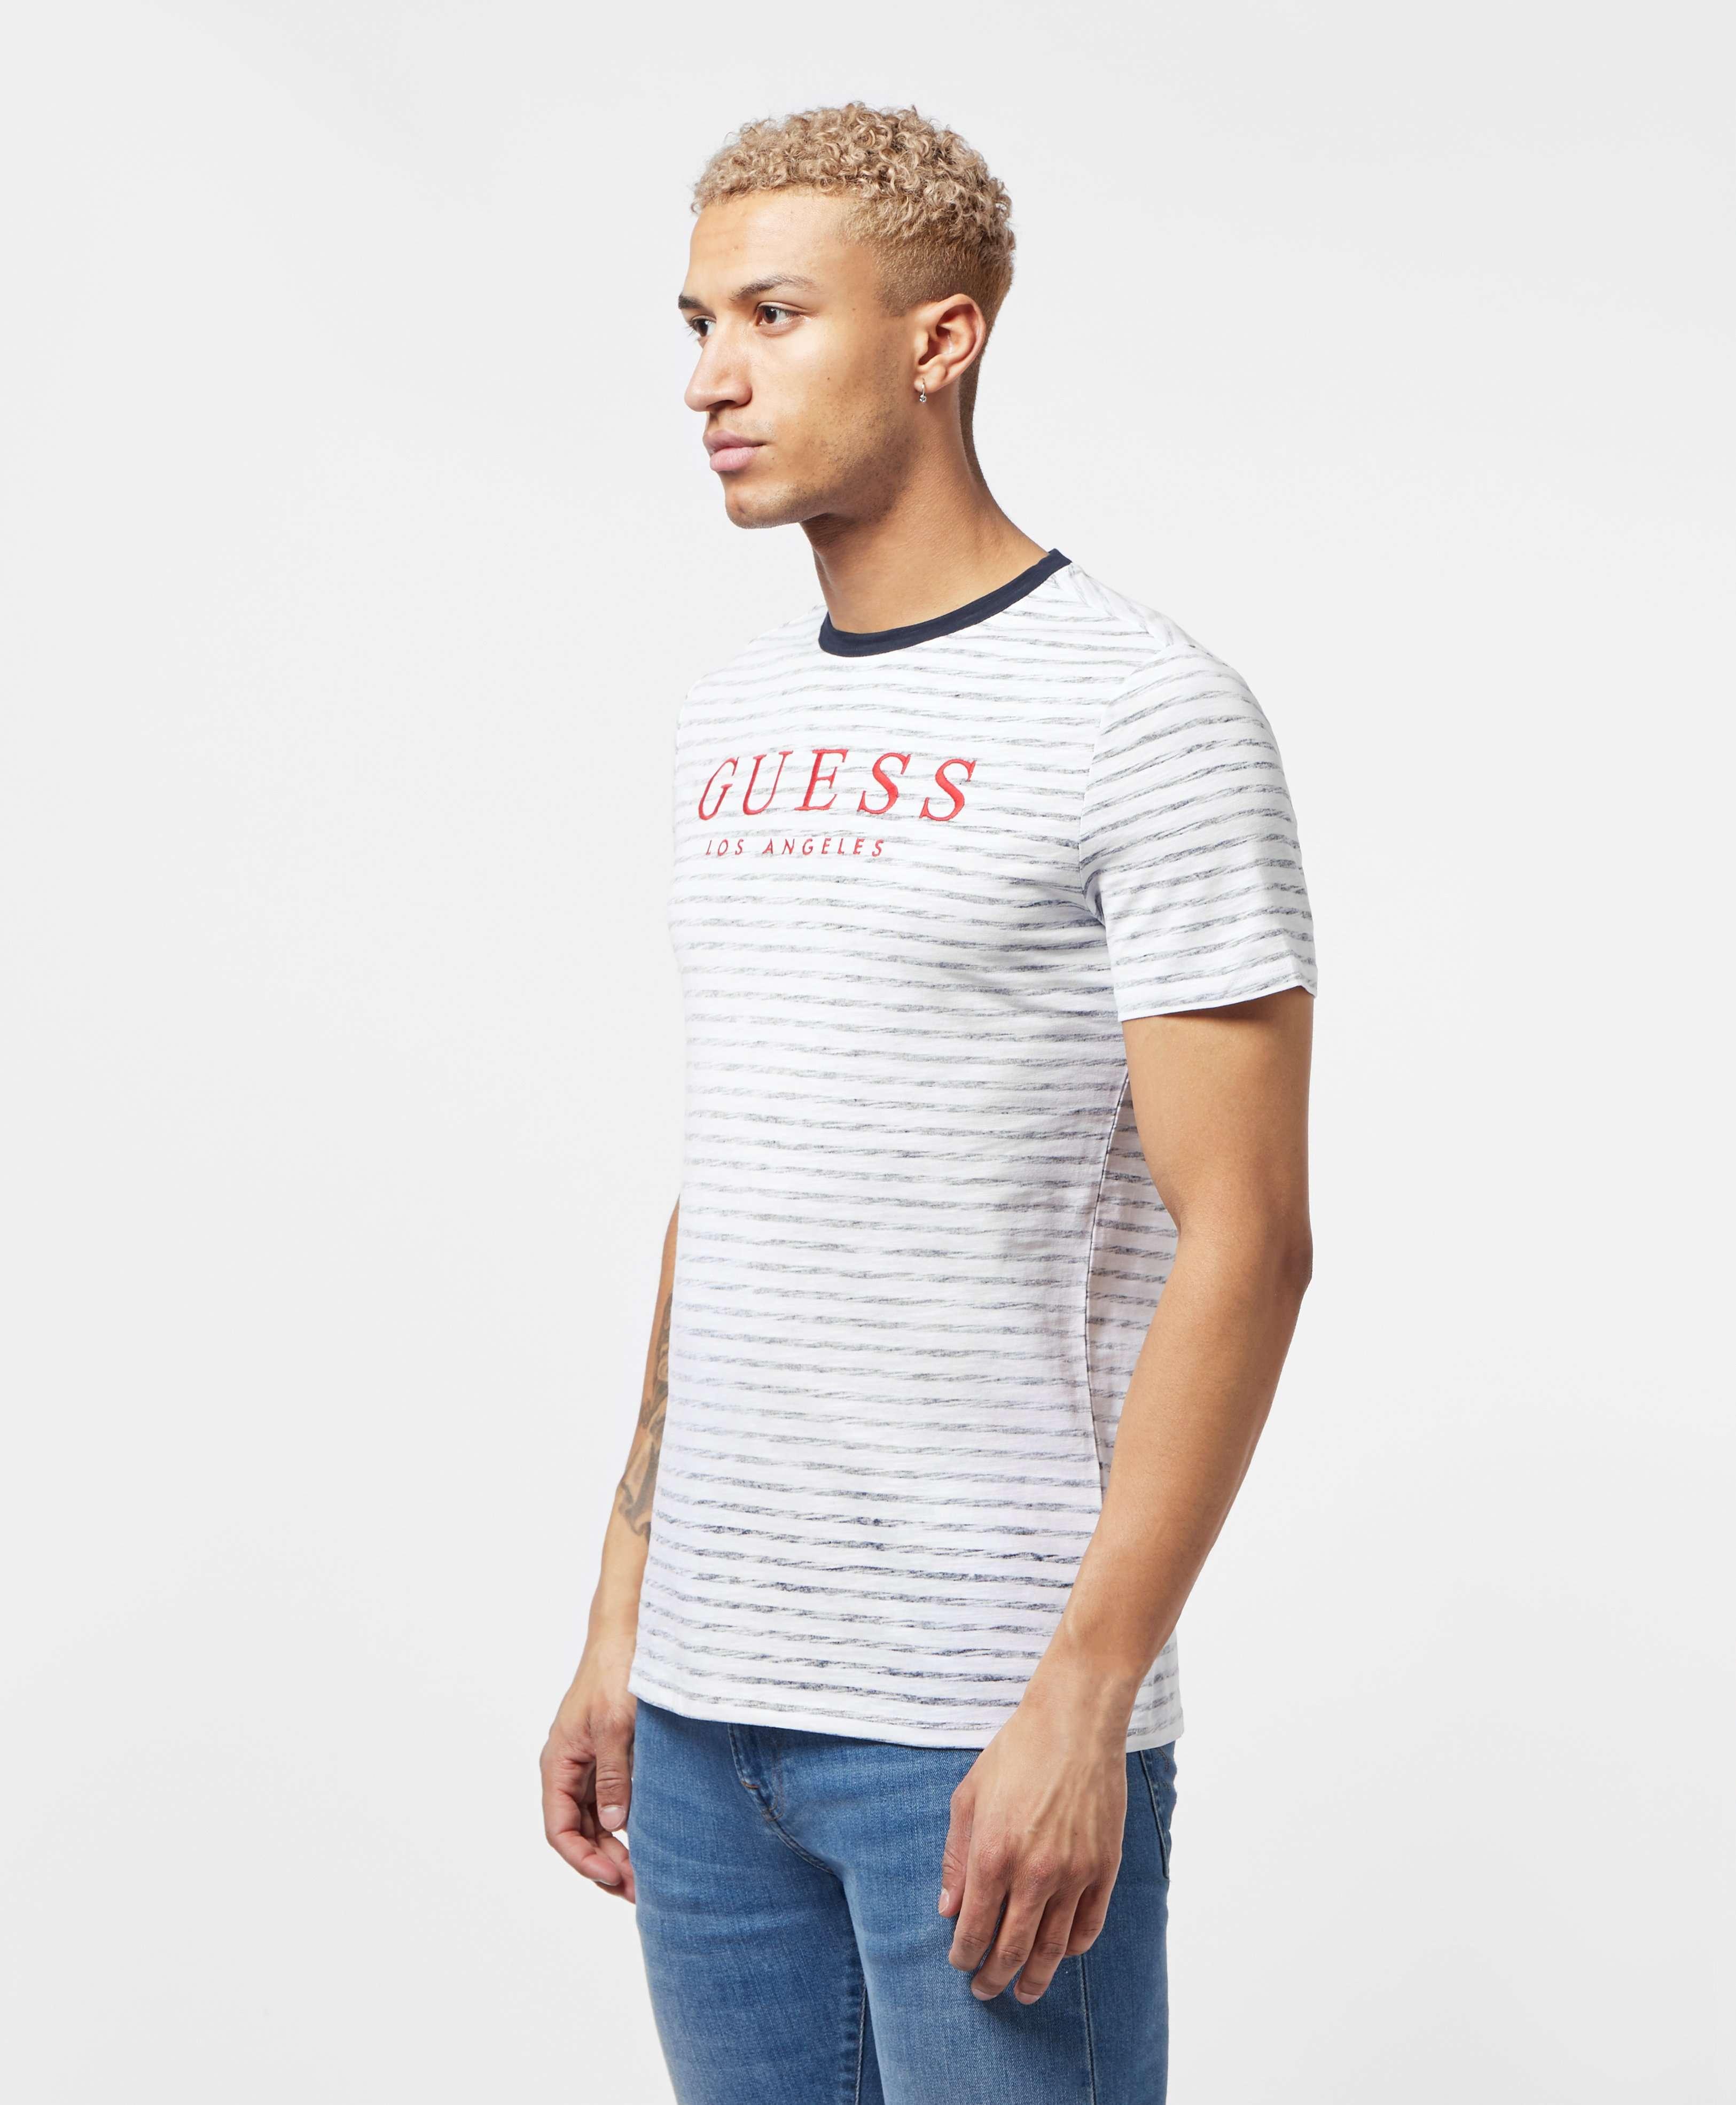 Guess Fine Stripe Short Sleeve T-Shirt